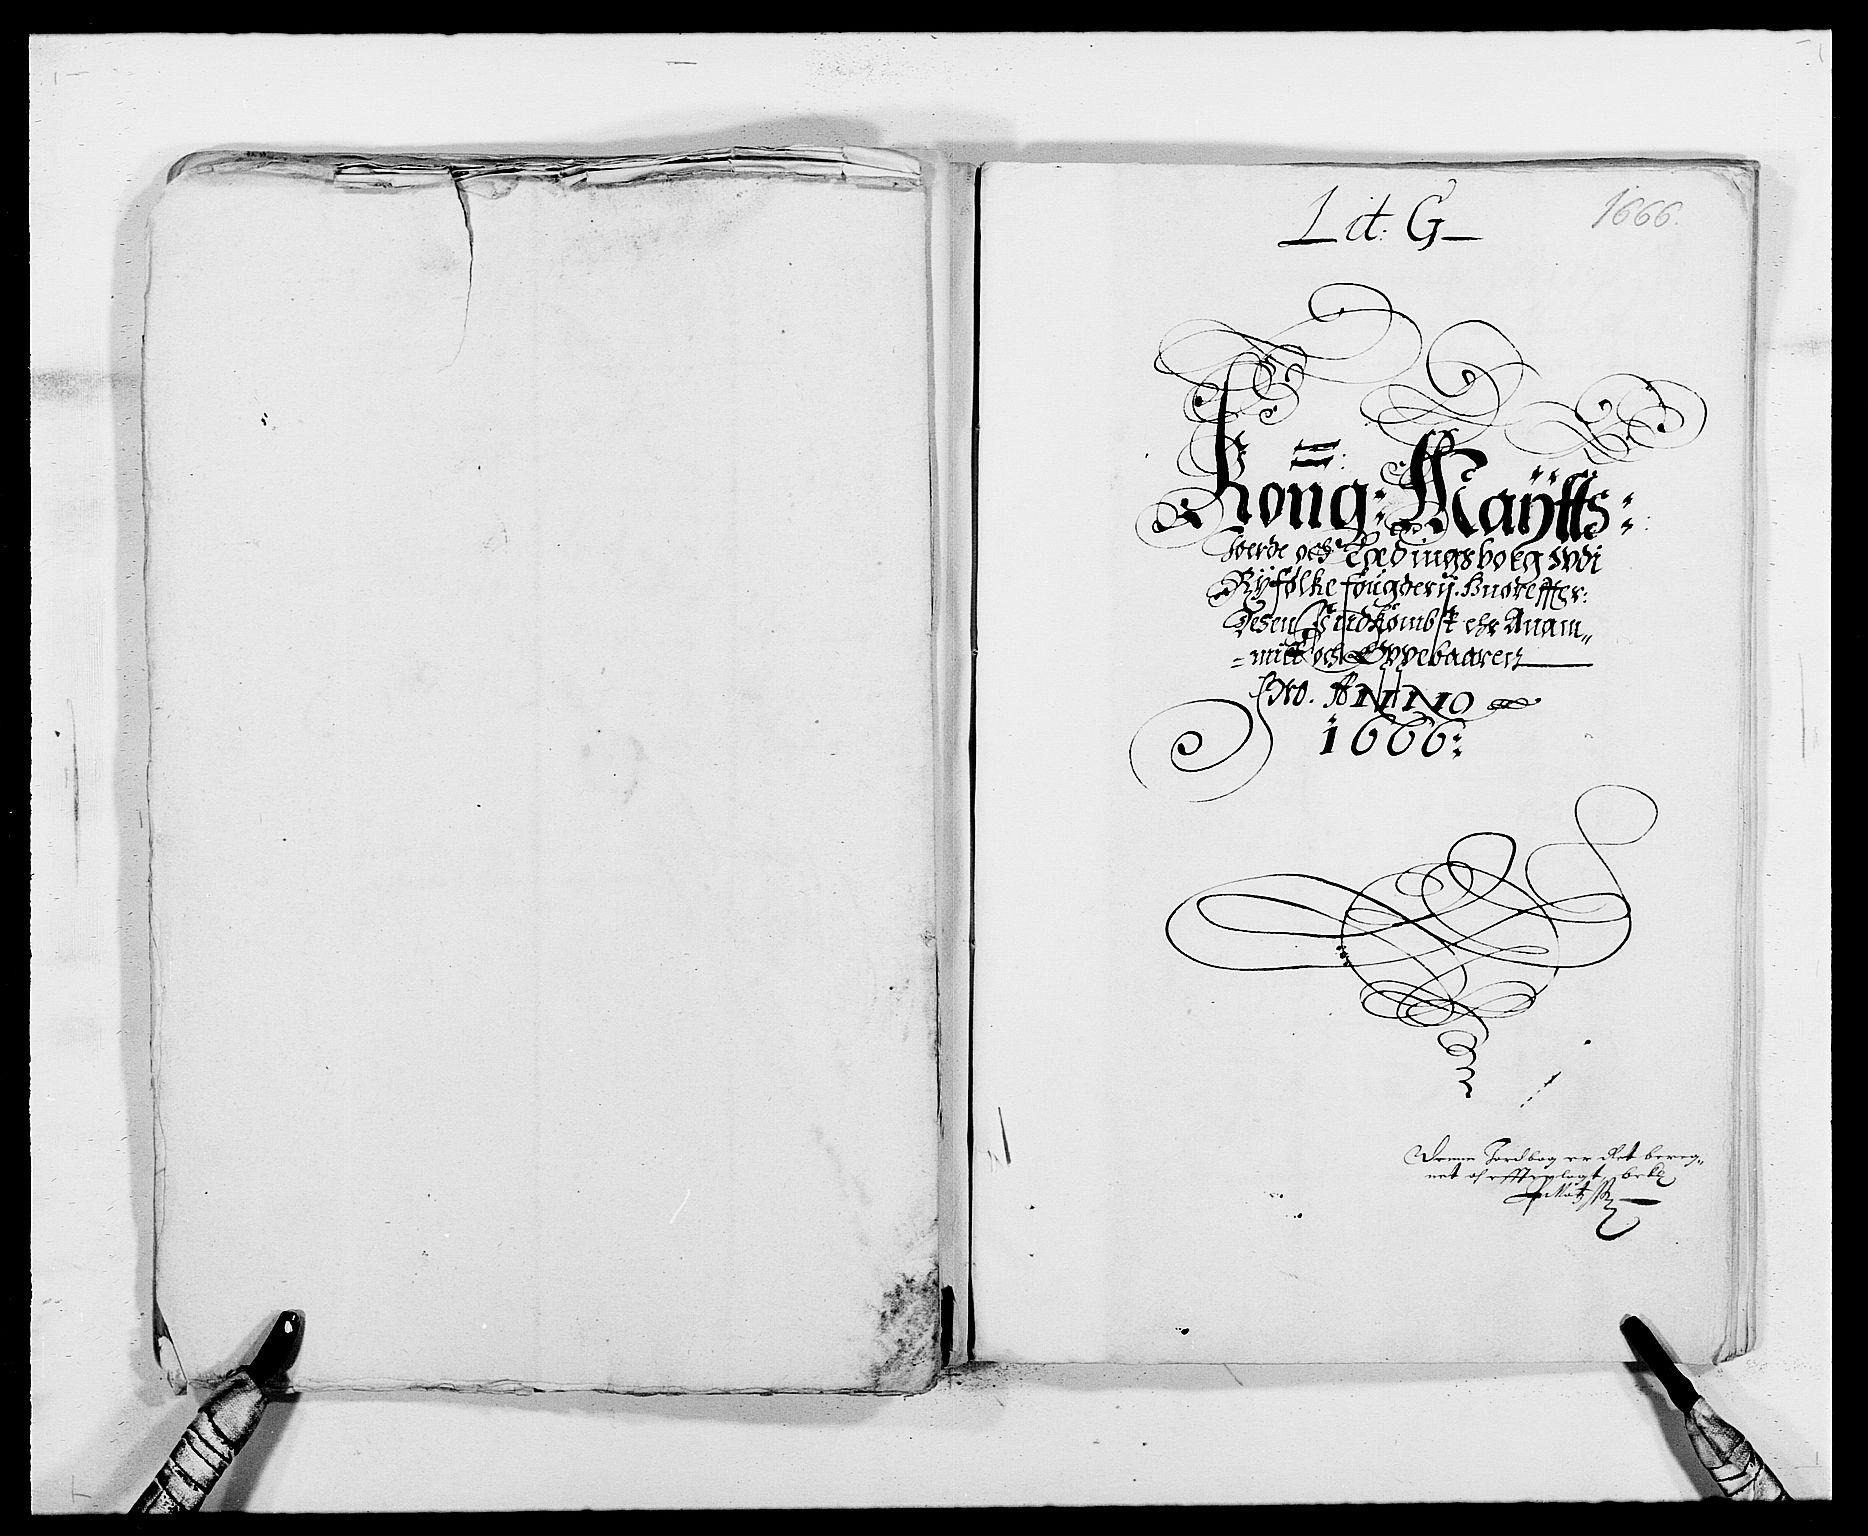 RA, Rentekammeret inntil 1814, Reviderte regnskaper, Fogderegnskap, R47/L2840: Fogderegnskap Ryfylke, 1665-1669, s. 33